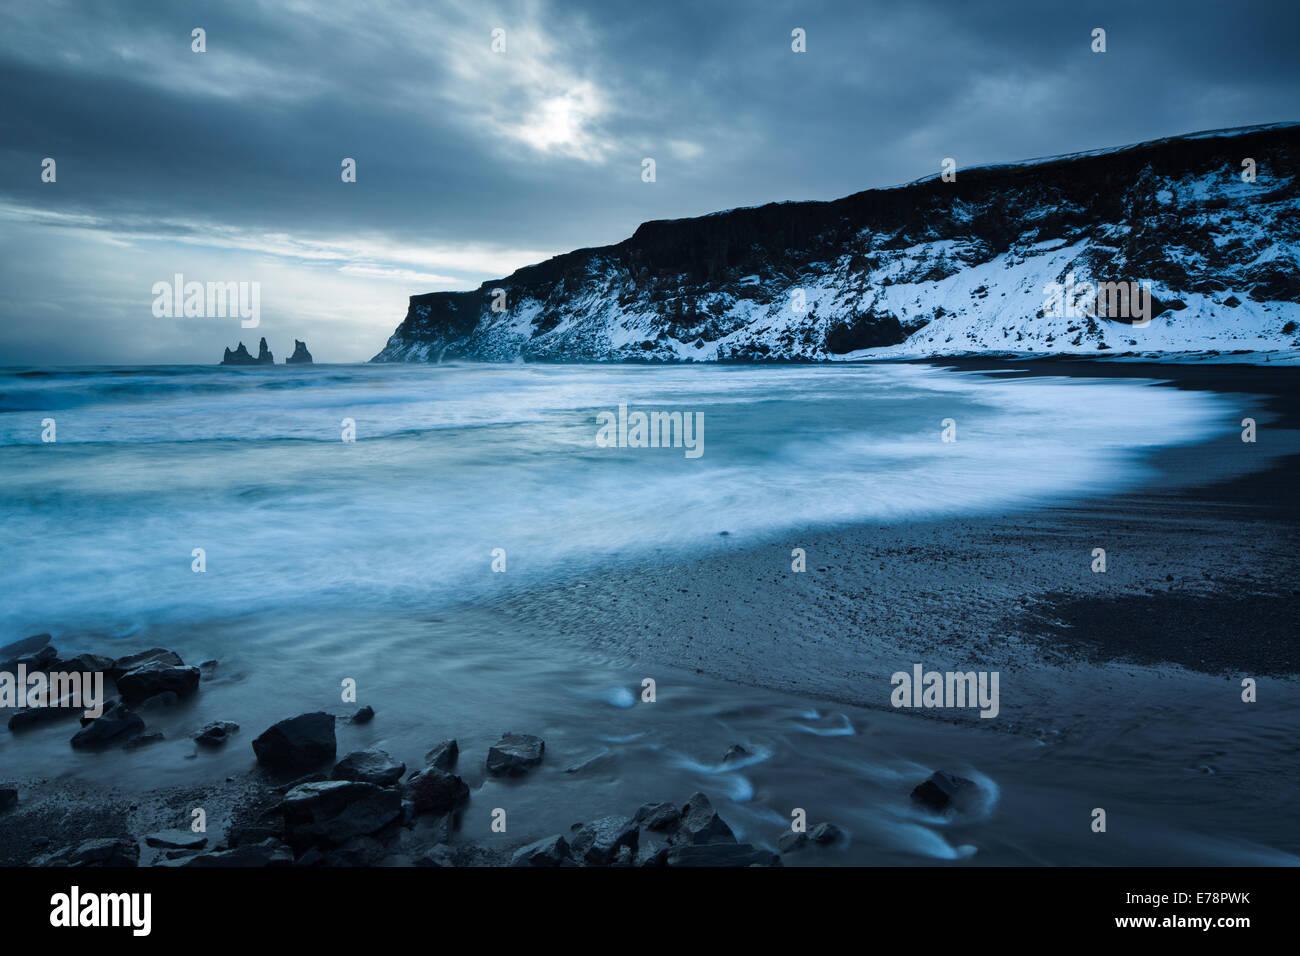 La spiaggia di sabbia nera a Vík í Mýrdal in inverno, con il basalto Renisdrangar mare pile al di là, sud dell'Islanda Foto Stock